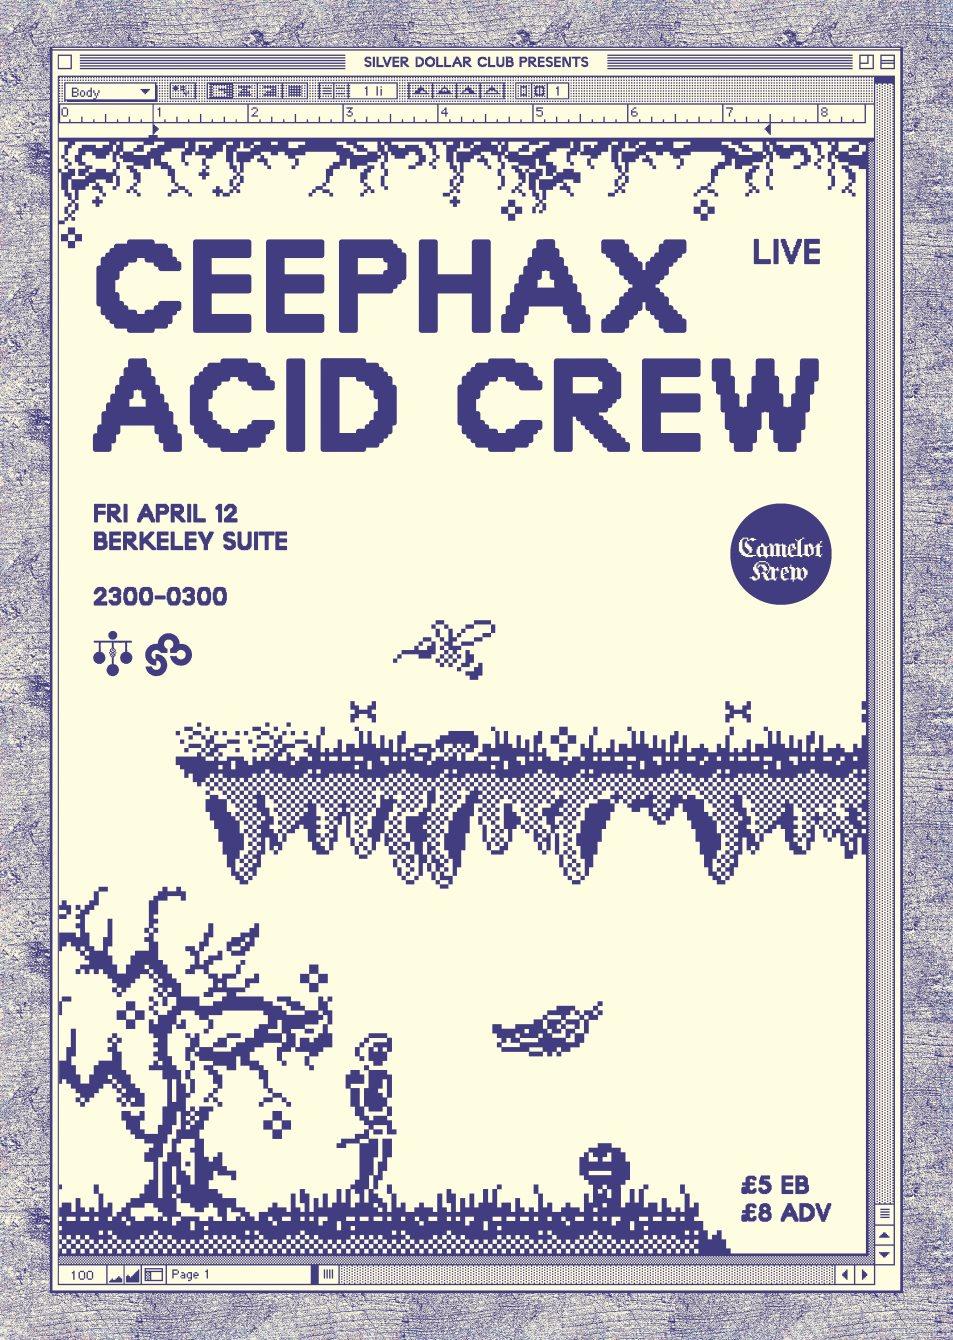 SDC x Ceephax Acid Crew Live - Flyer front